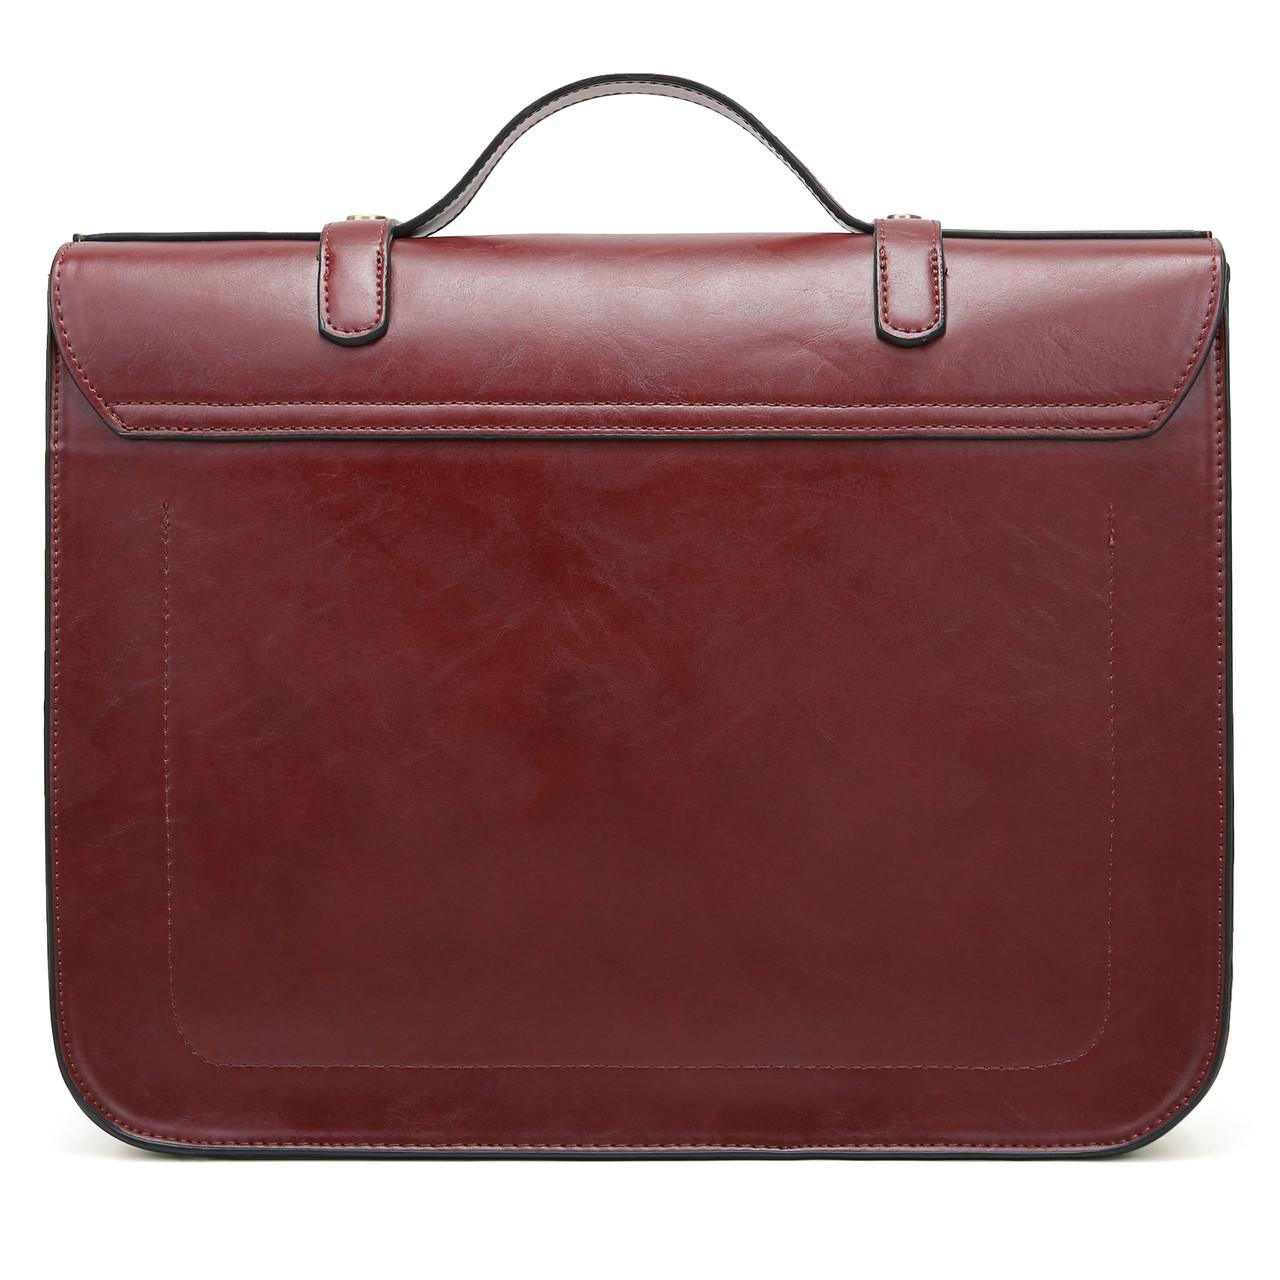 ea43ecf23504 Женская сумка-портфель Ecosusi вишневая (ES0120954A021): продажа ...